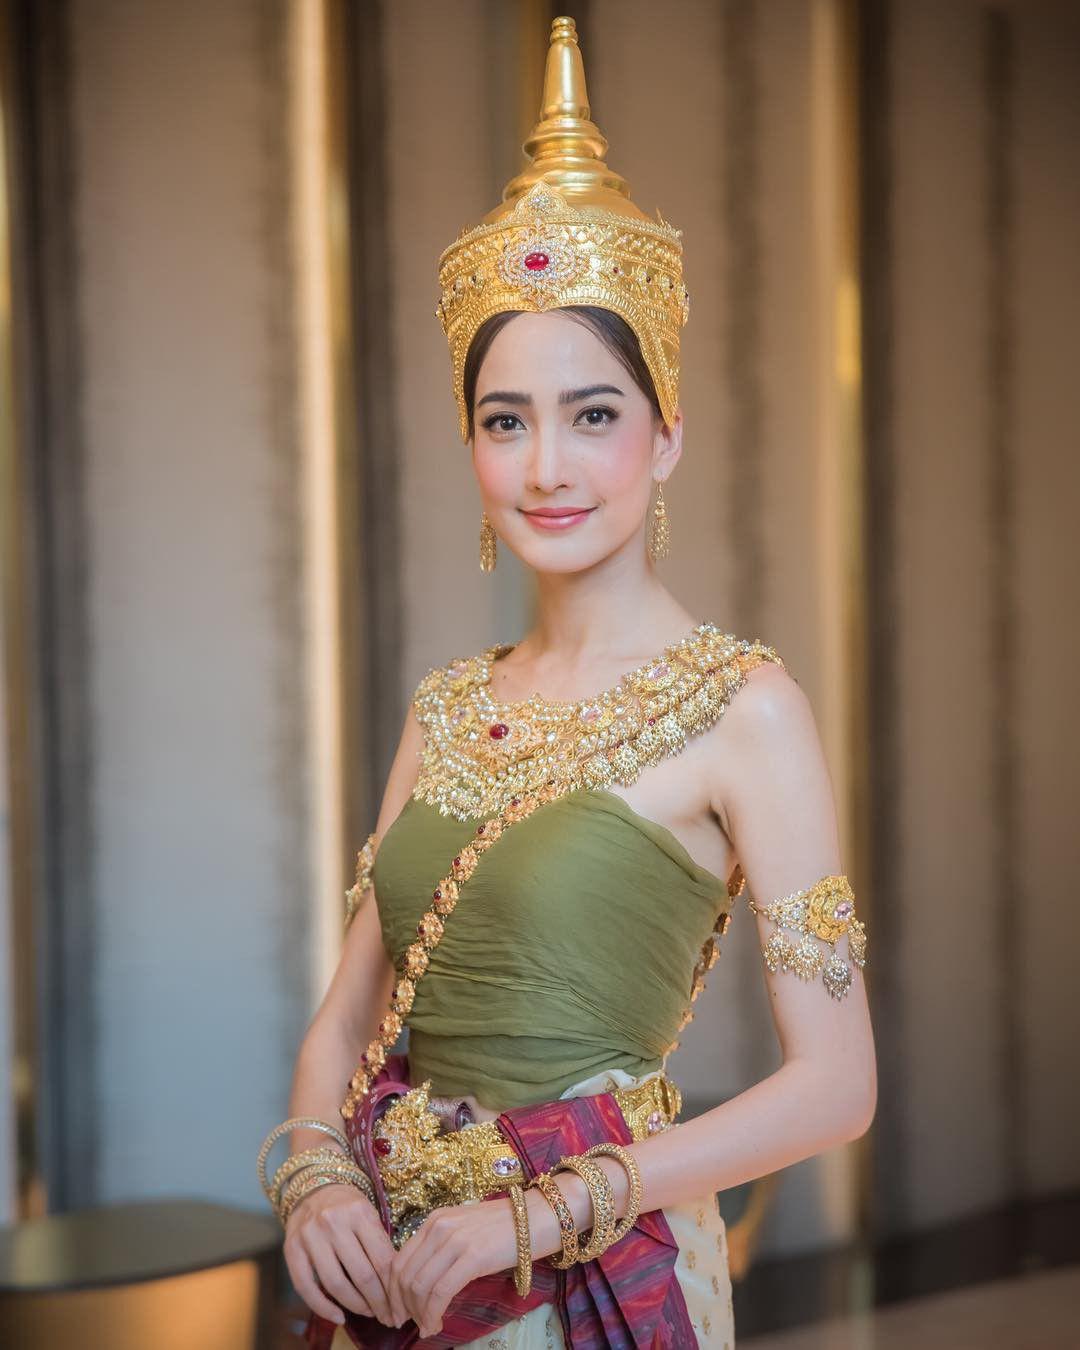 Ngắm nhăn sắc đỉnh cao của dàn mỹ nhân Tbiz khi hóa nữ thần tại Songkran 2019 (16)